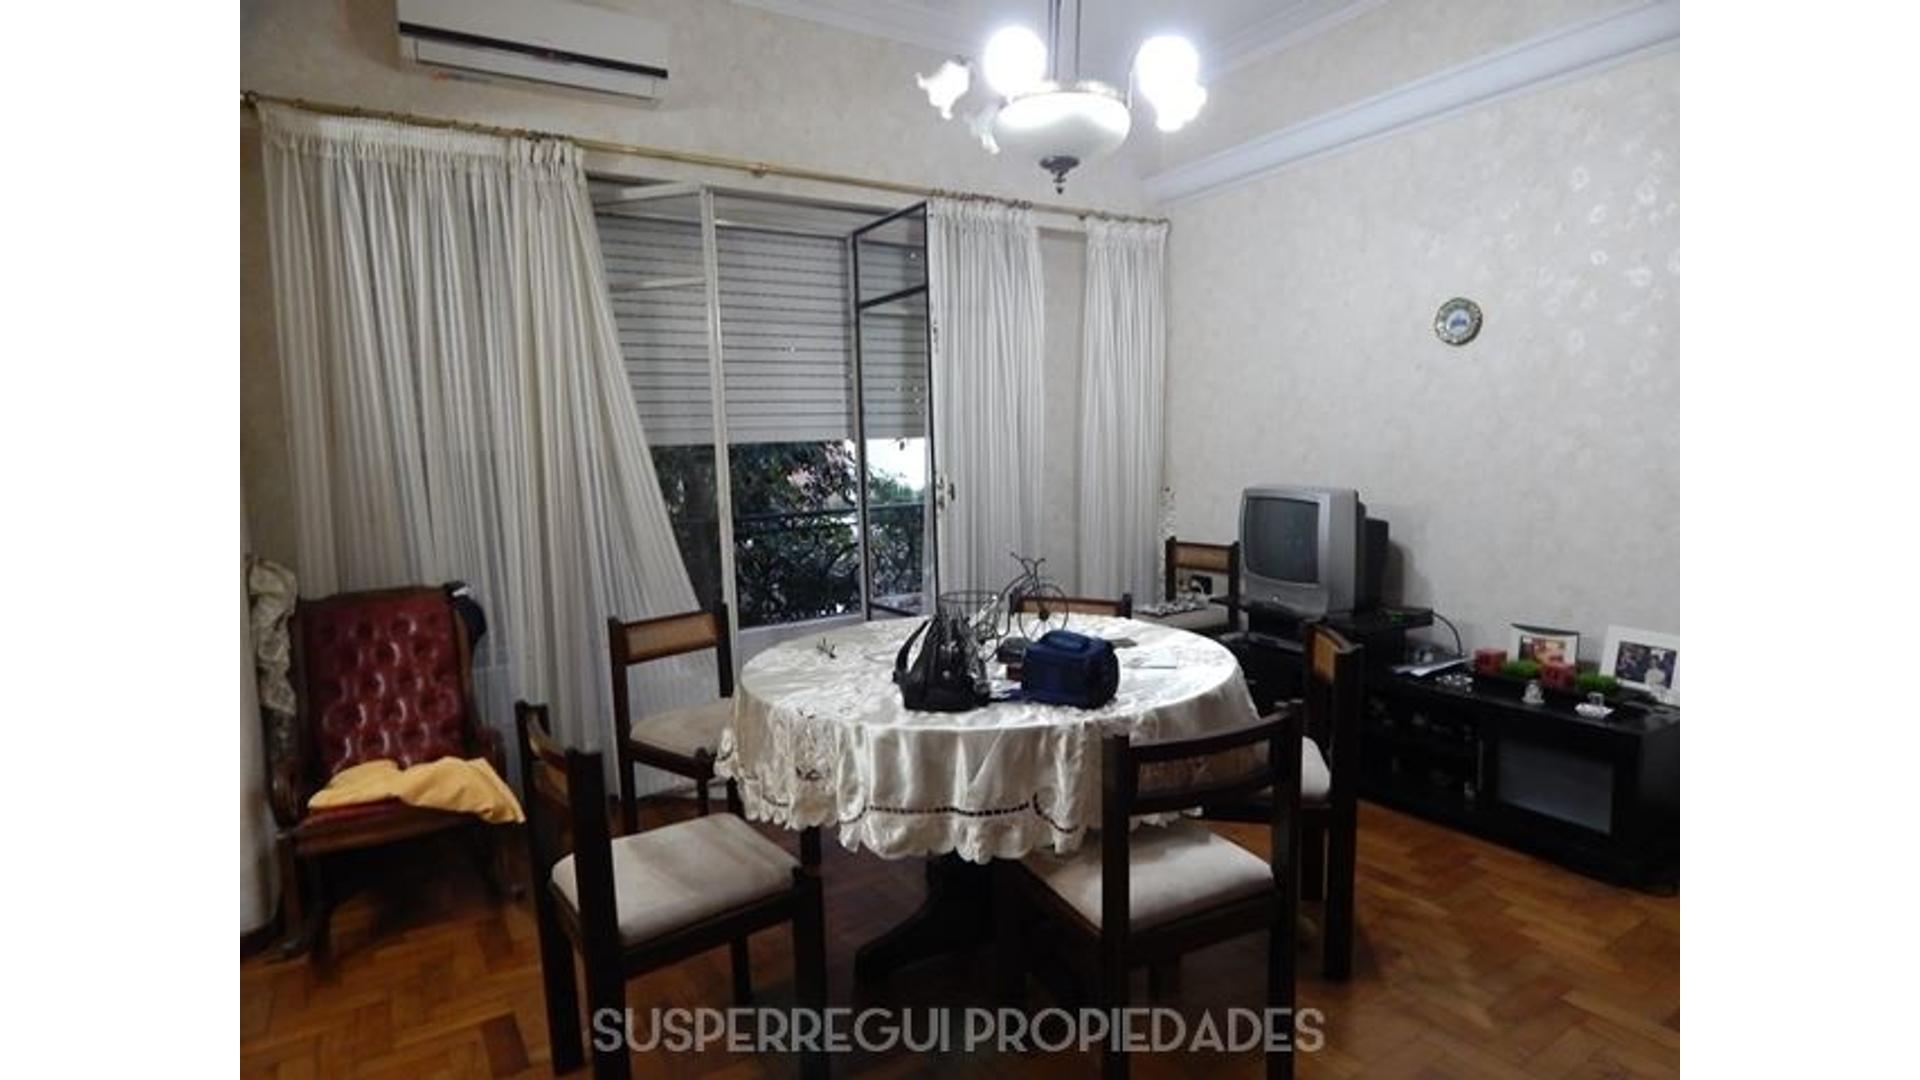 PH Tipo Casa de 3 Dormitorios Apto Banco en Calle 65 e/ 3 y 4 La Plata